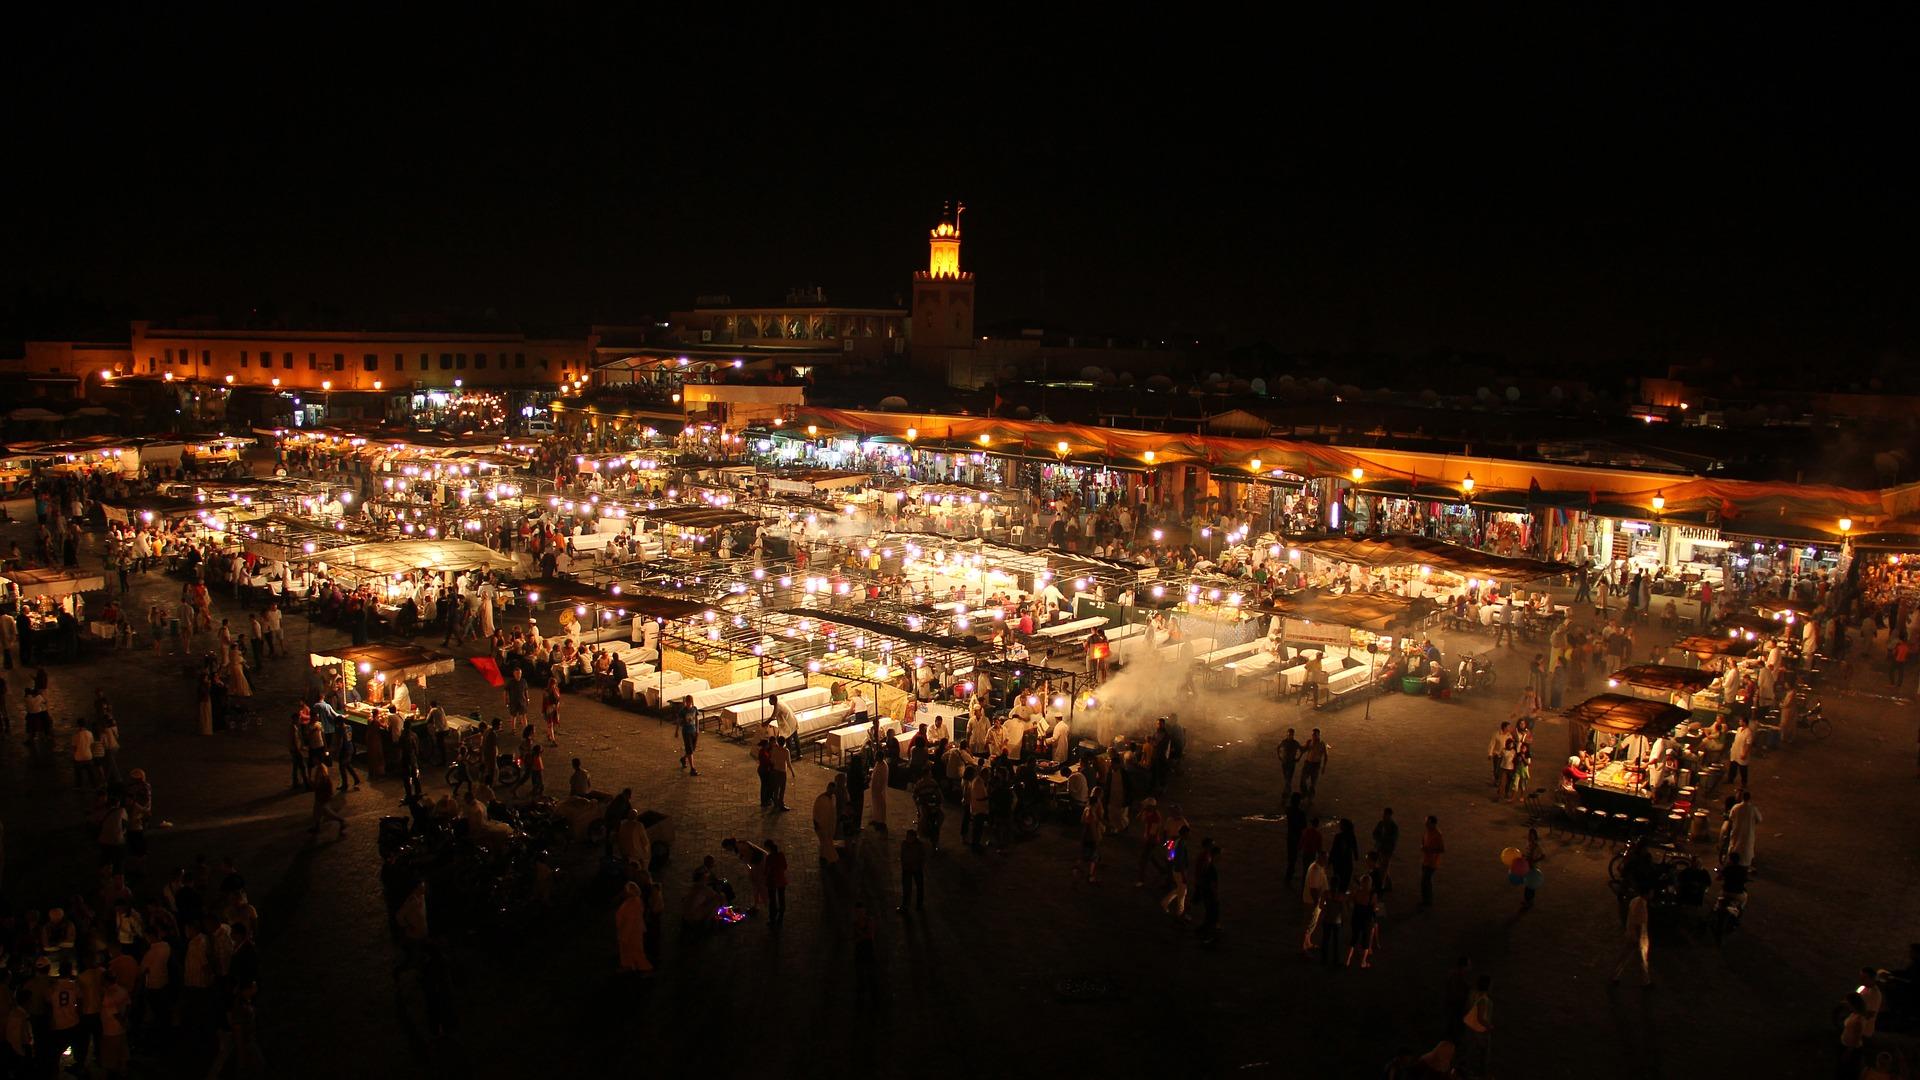 Jemaâ El-Fna Square at night.